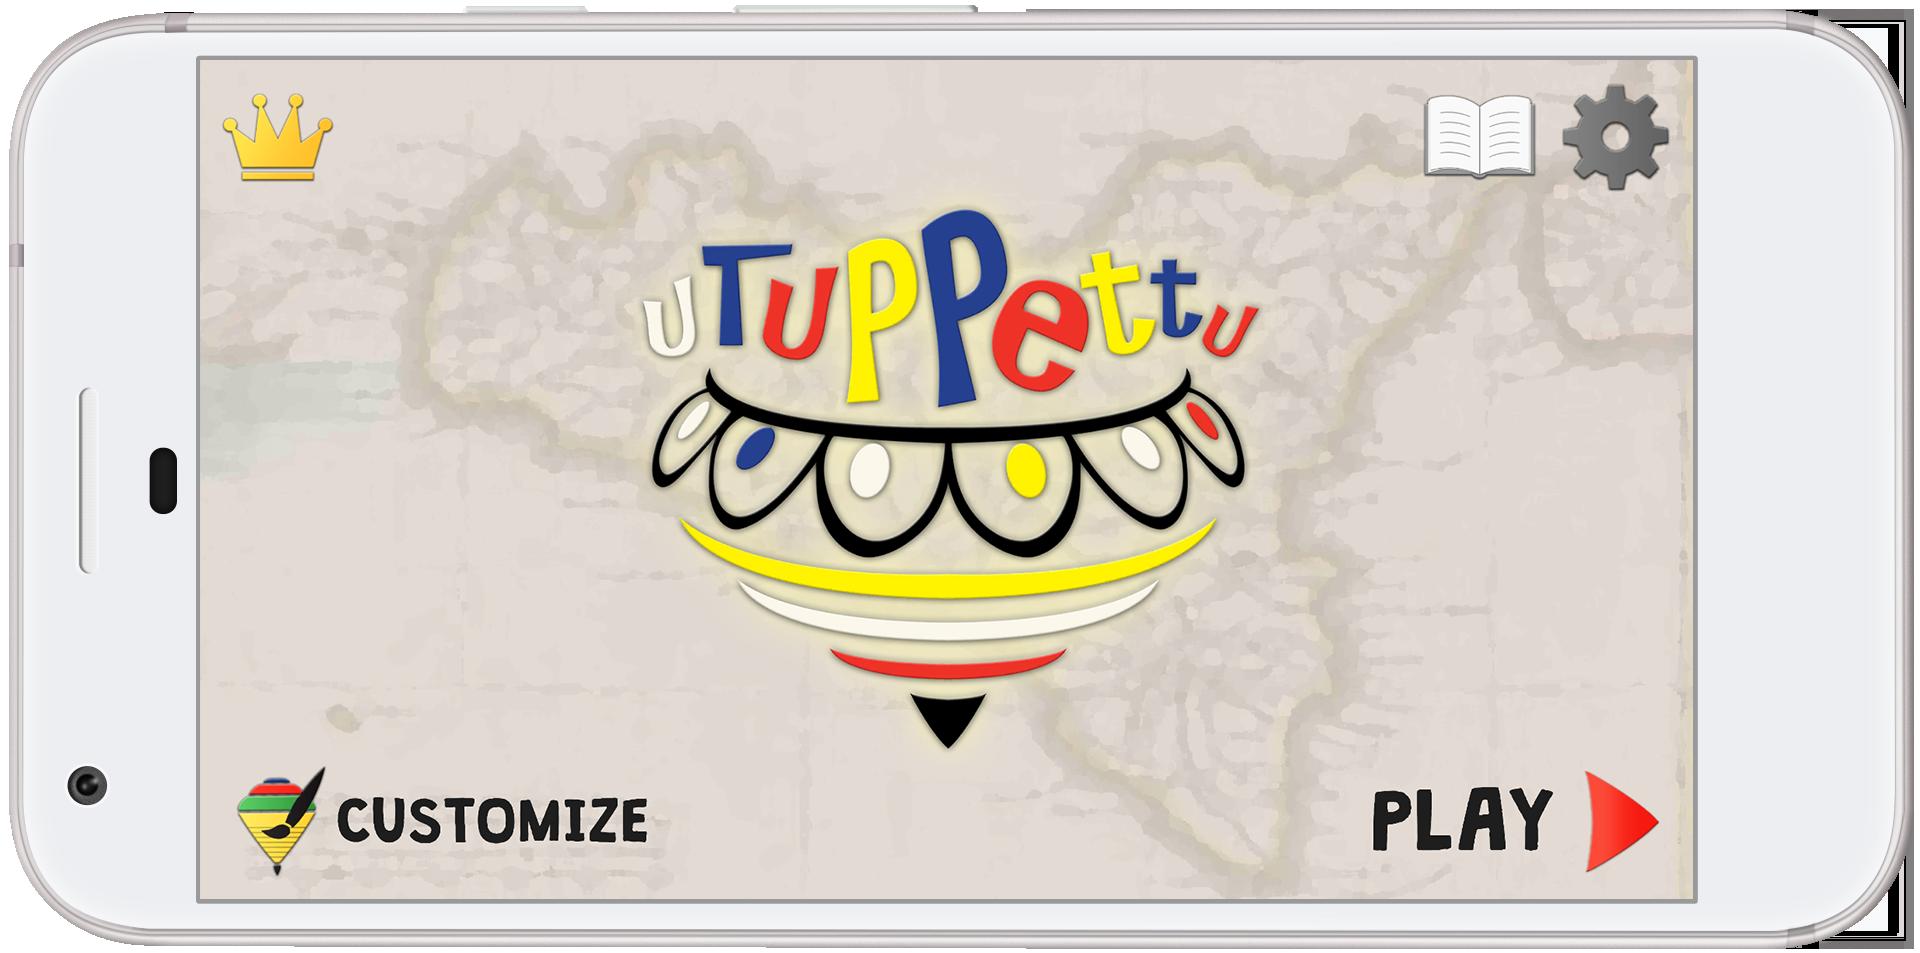 utuppettu-mockup3